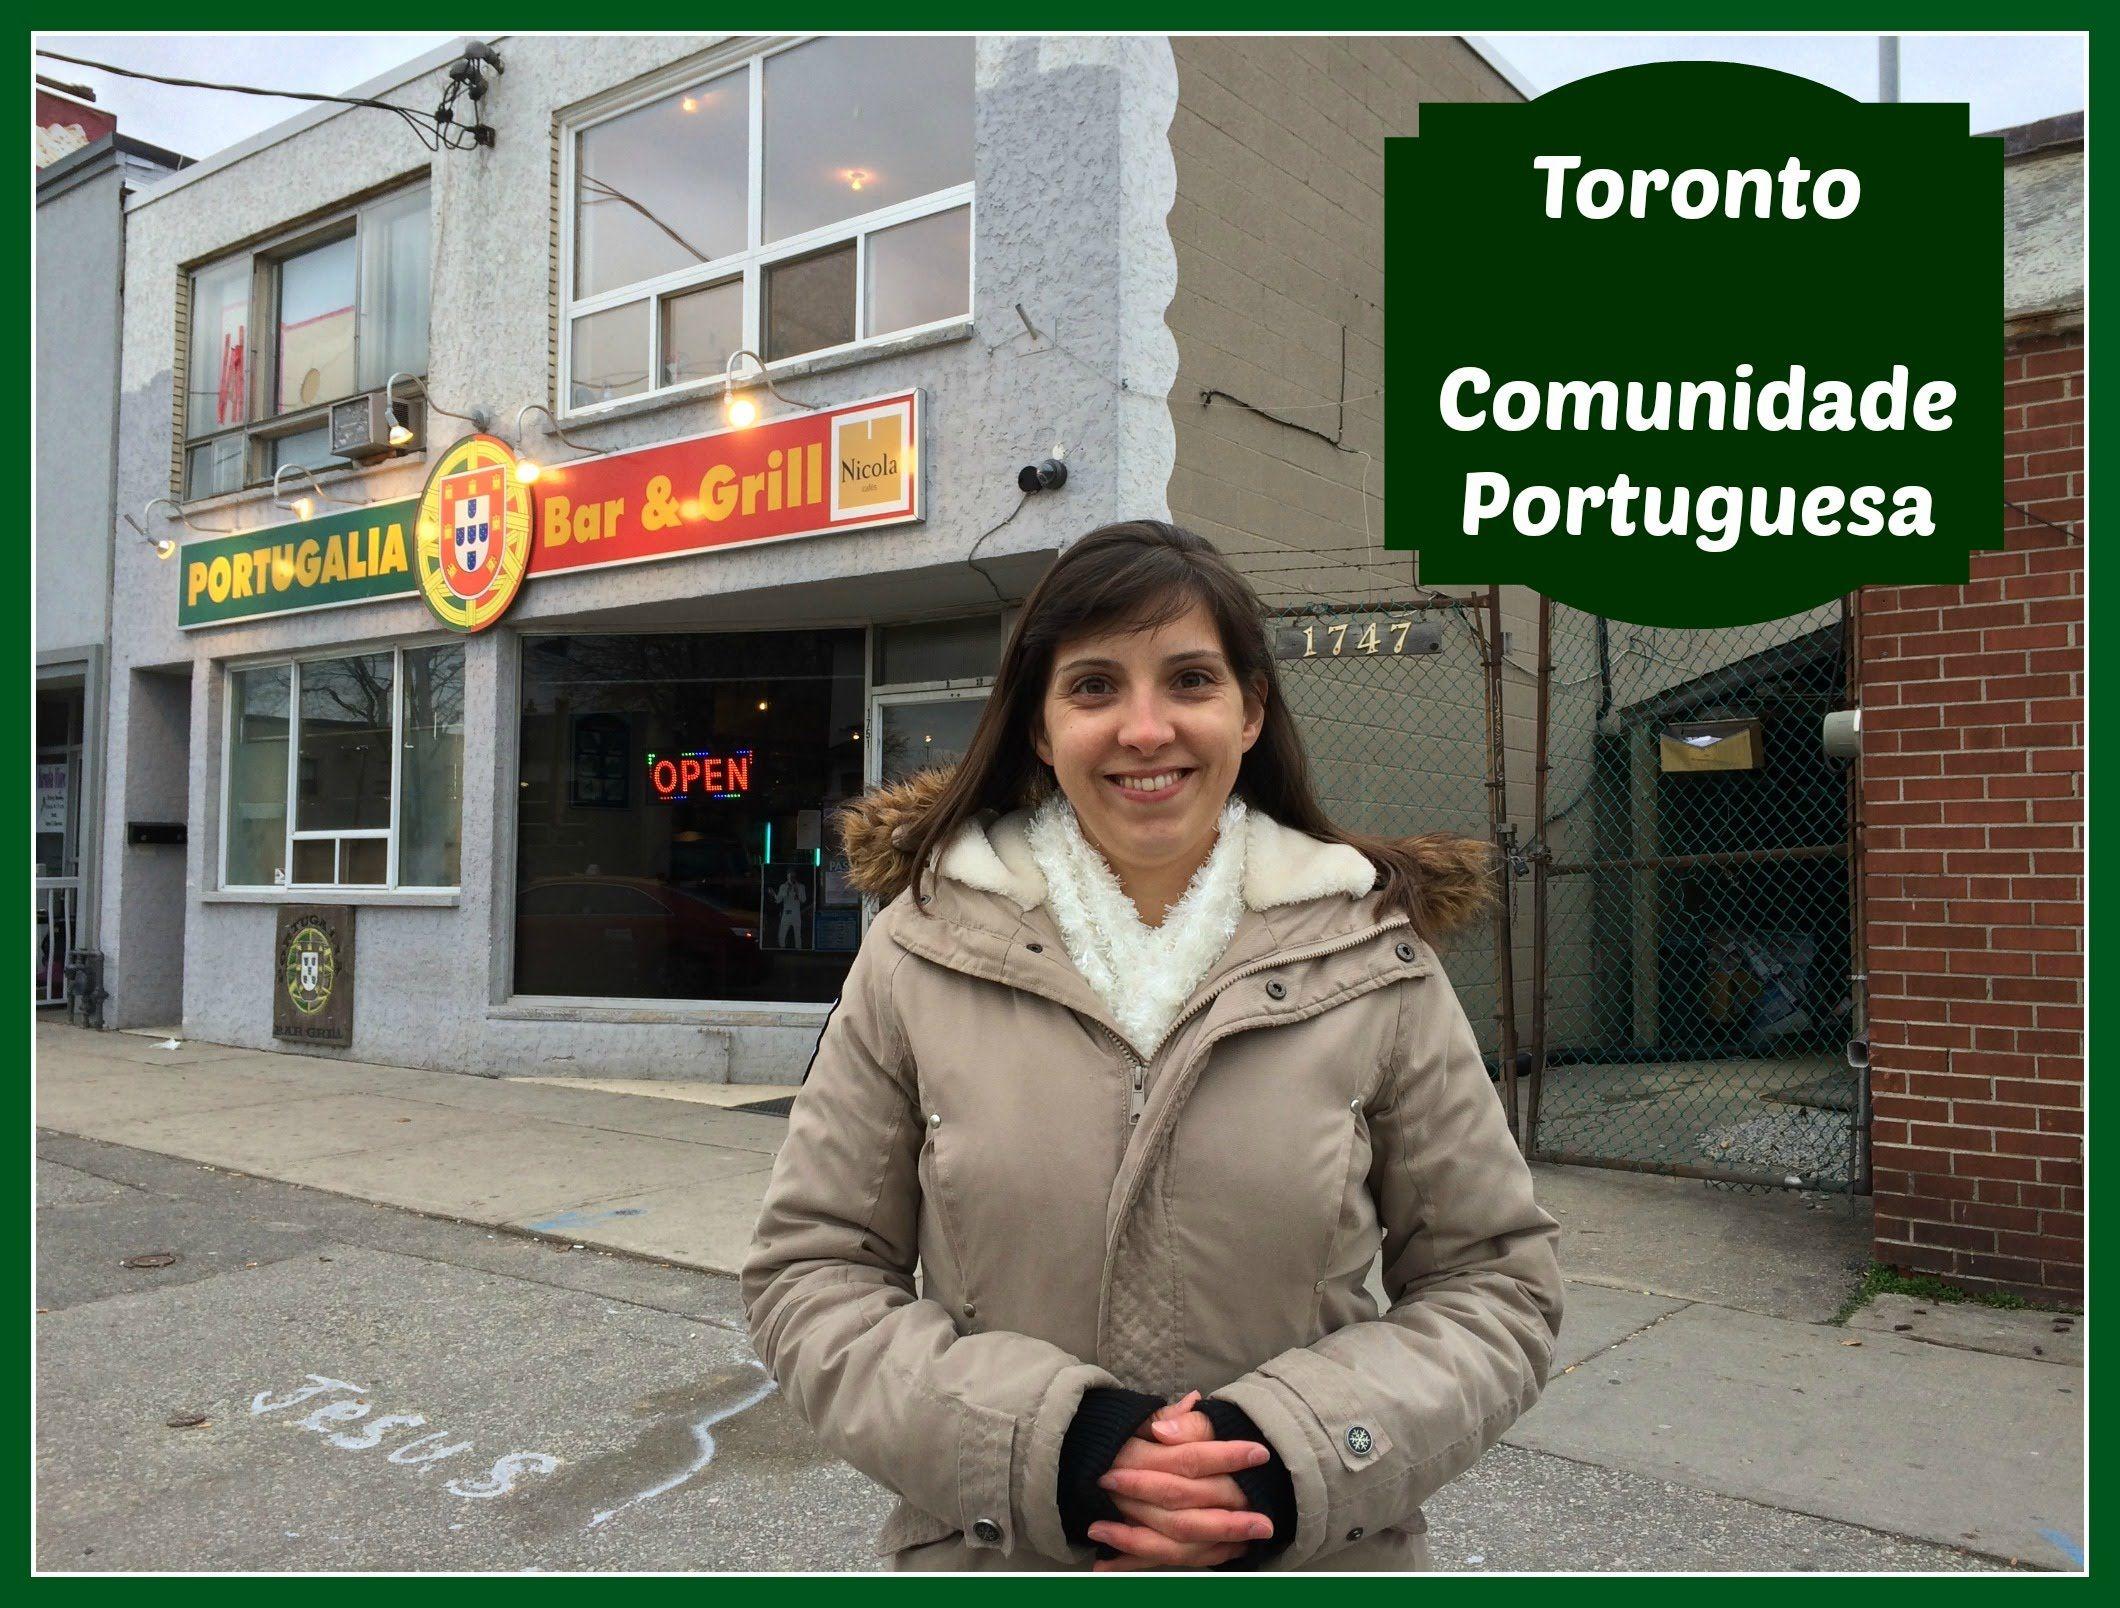 Este é o terceiro vídeo da série Toronto. Como não podia deixar de ser falámos um bocadinho sobre a comunidade portuguesa. Este tema vai ter desenvolvimento. Se quiserem segui a série subscrevam o canal: https://www.youtube.com/channel/UC8baKJiEb4c035nU7UnSqvw Até já, Élia e Cláudia